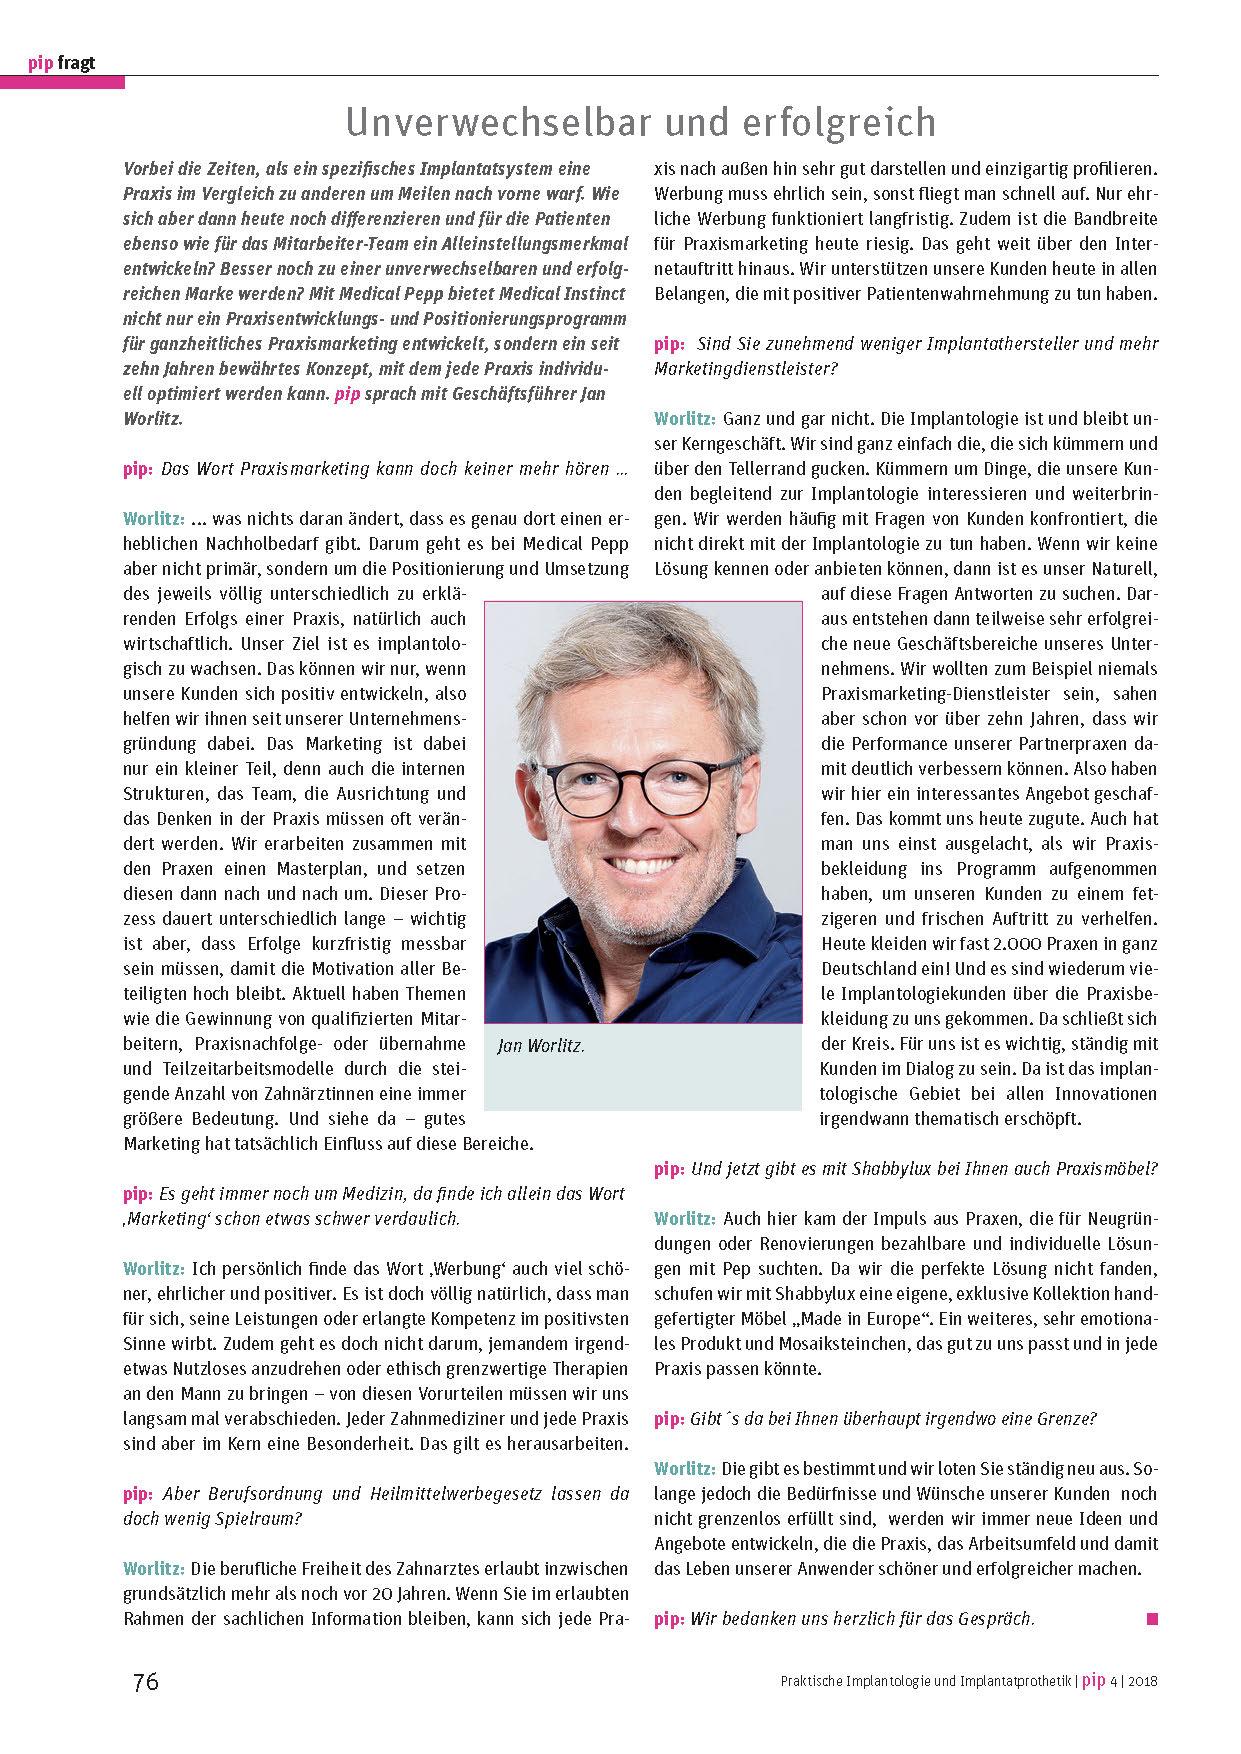 PIP Artikel Jan Worlitz - Praxismarketing, Praxisbekleidung, Praxismöbel